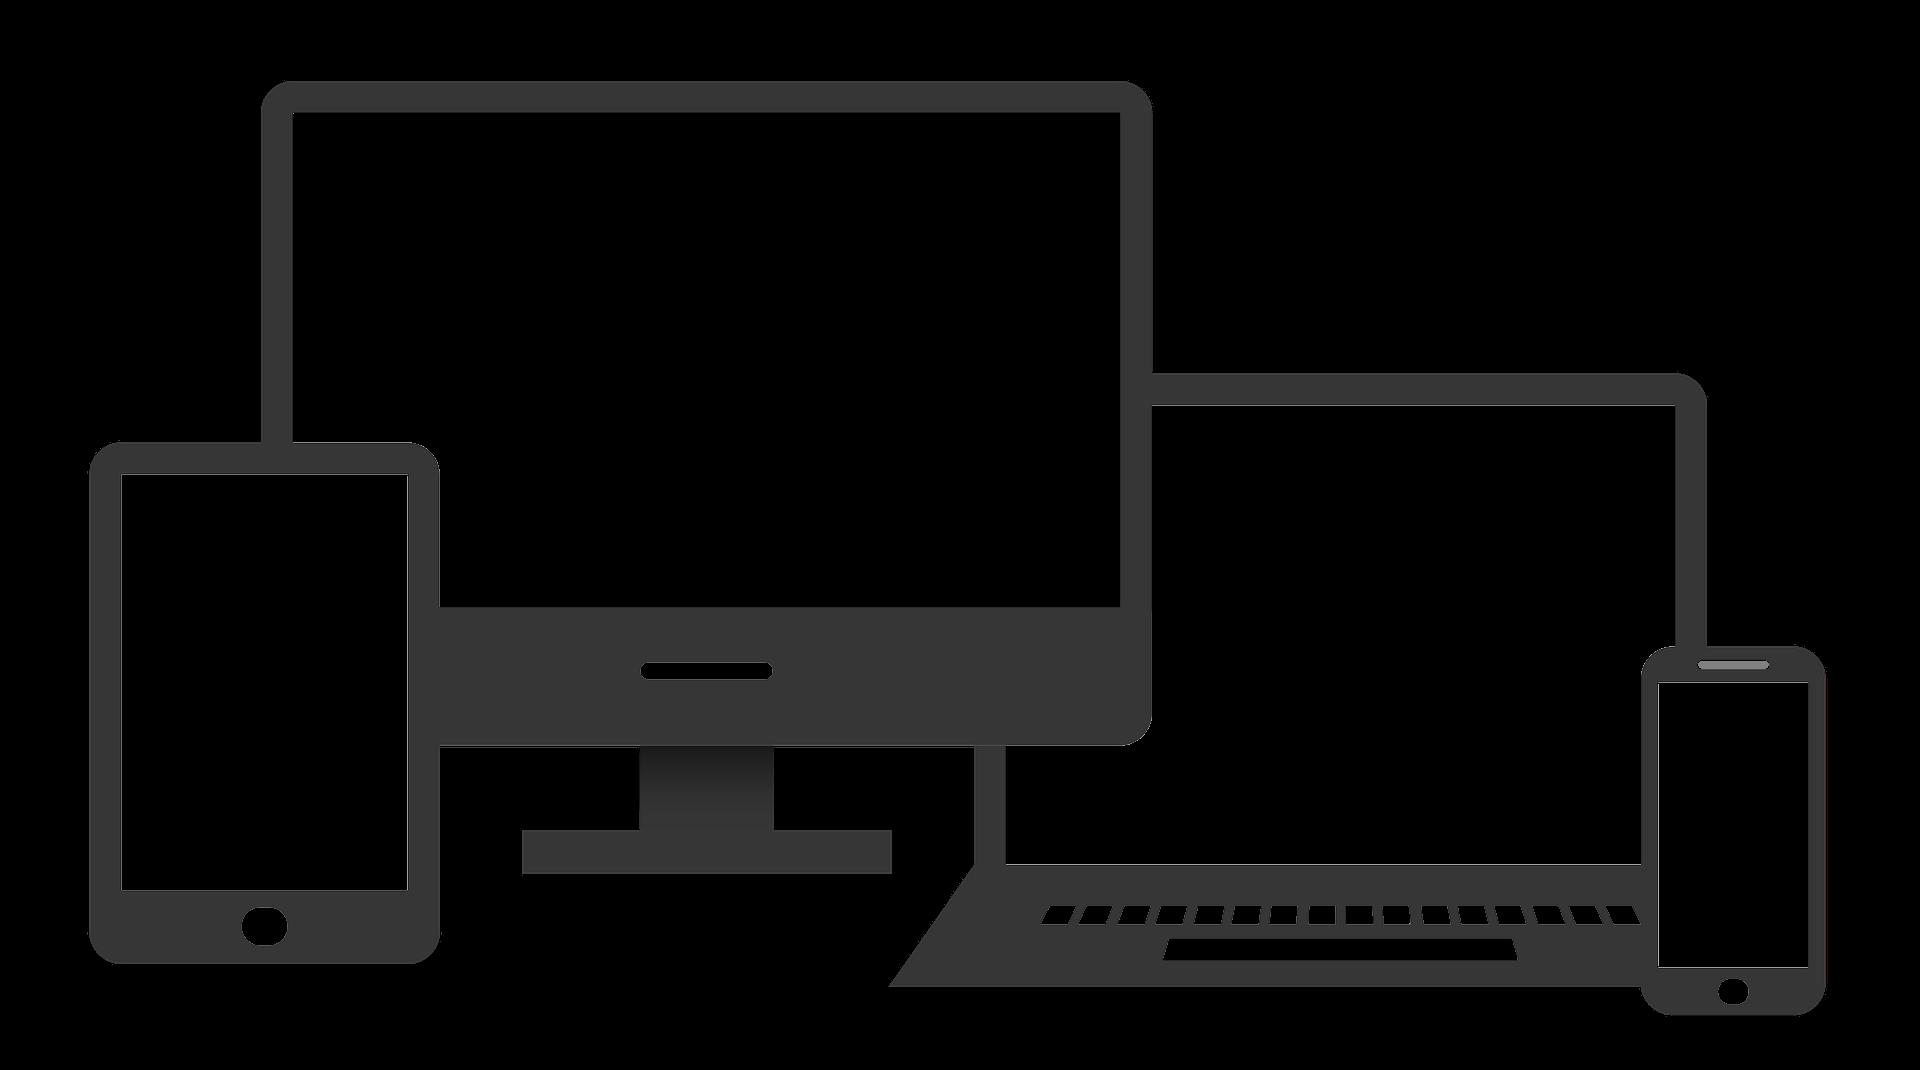 serwis komputerowy bydgoszcz